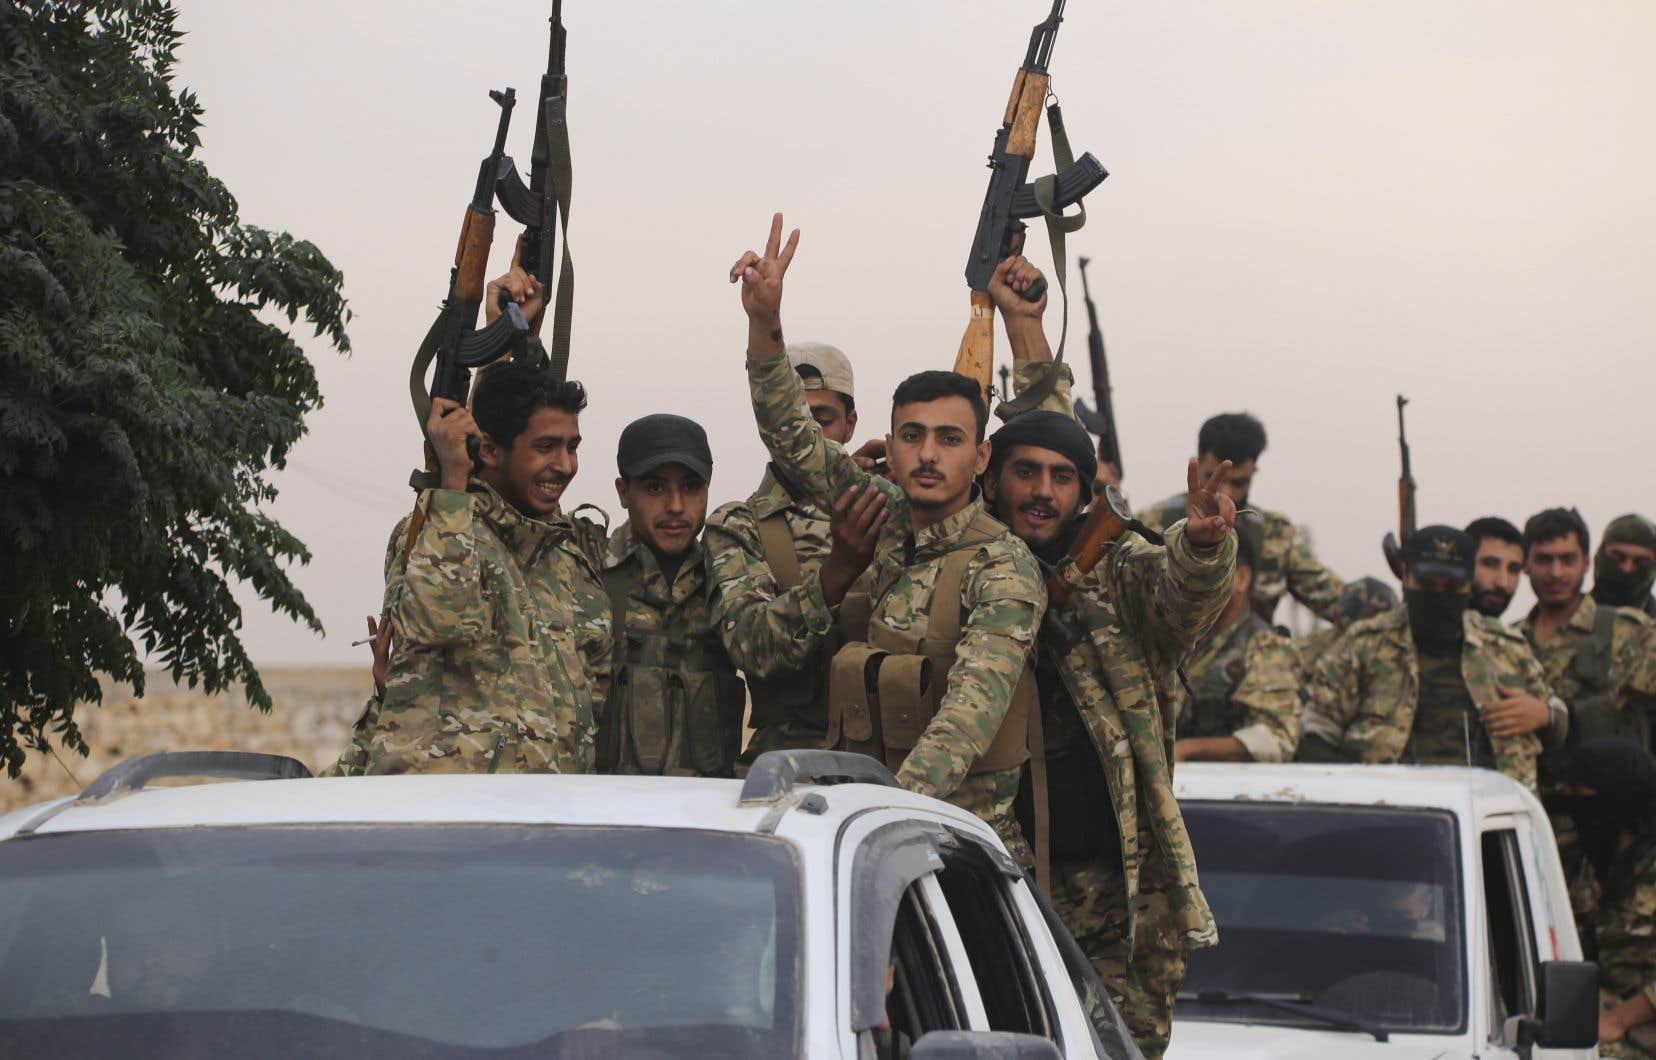 Un convoi de l'armée Free Syria est sur le point de traverser la Turquie près de la ville d'Azaz, en Syrie, mercredi dernier.